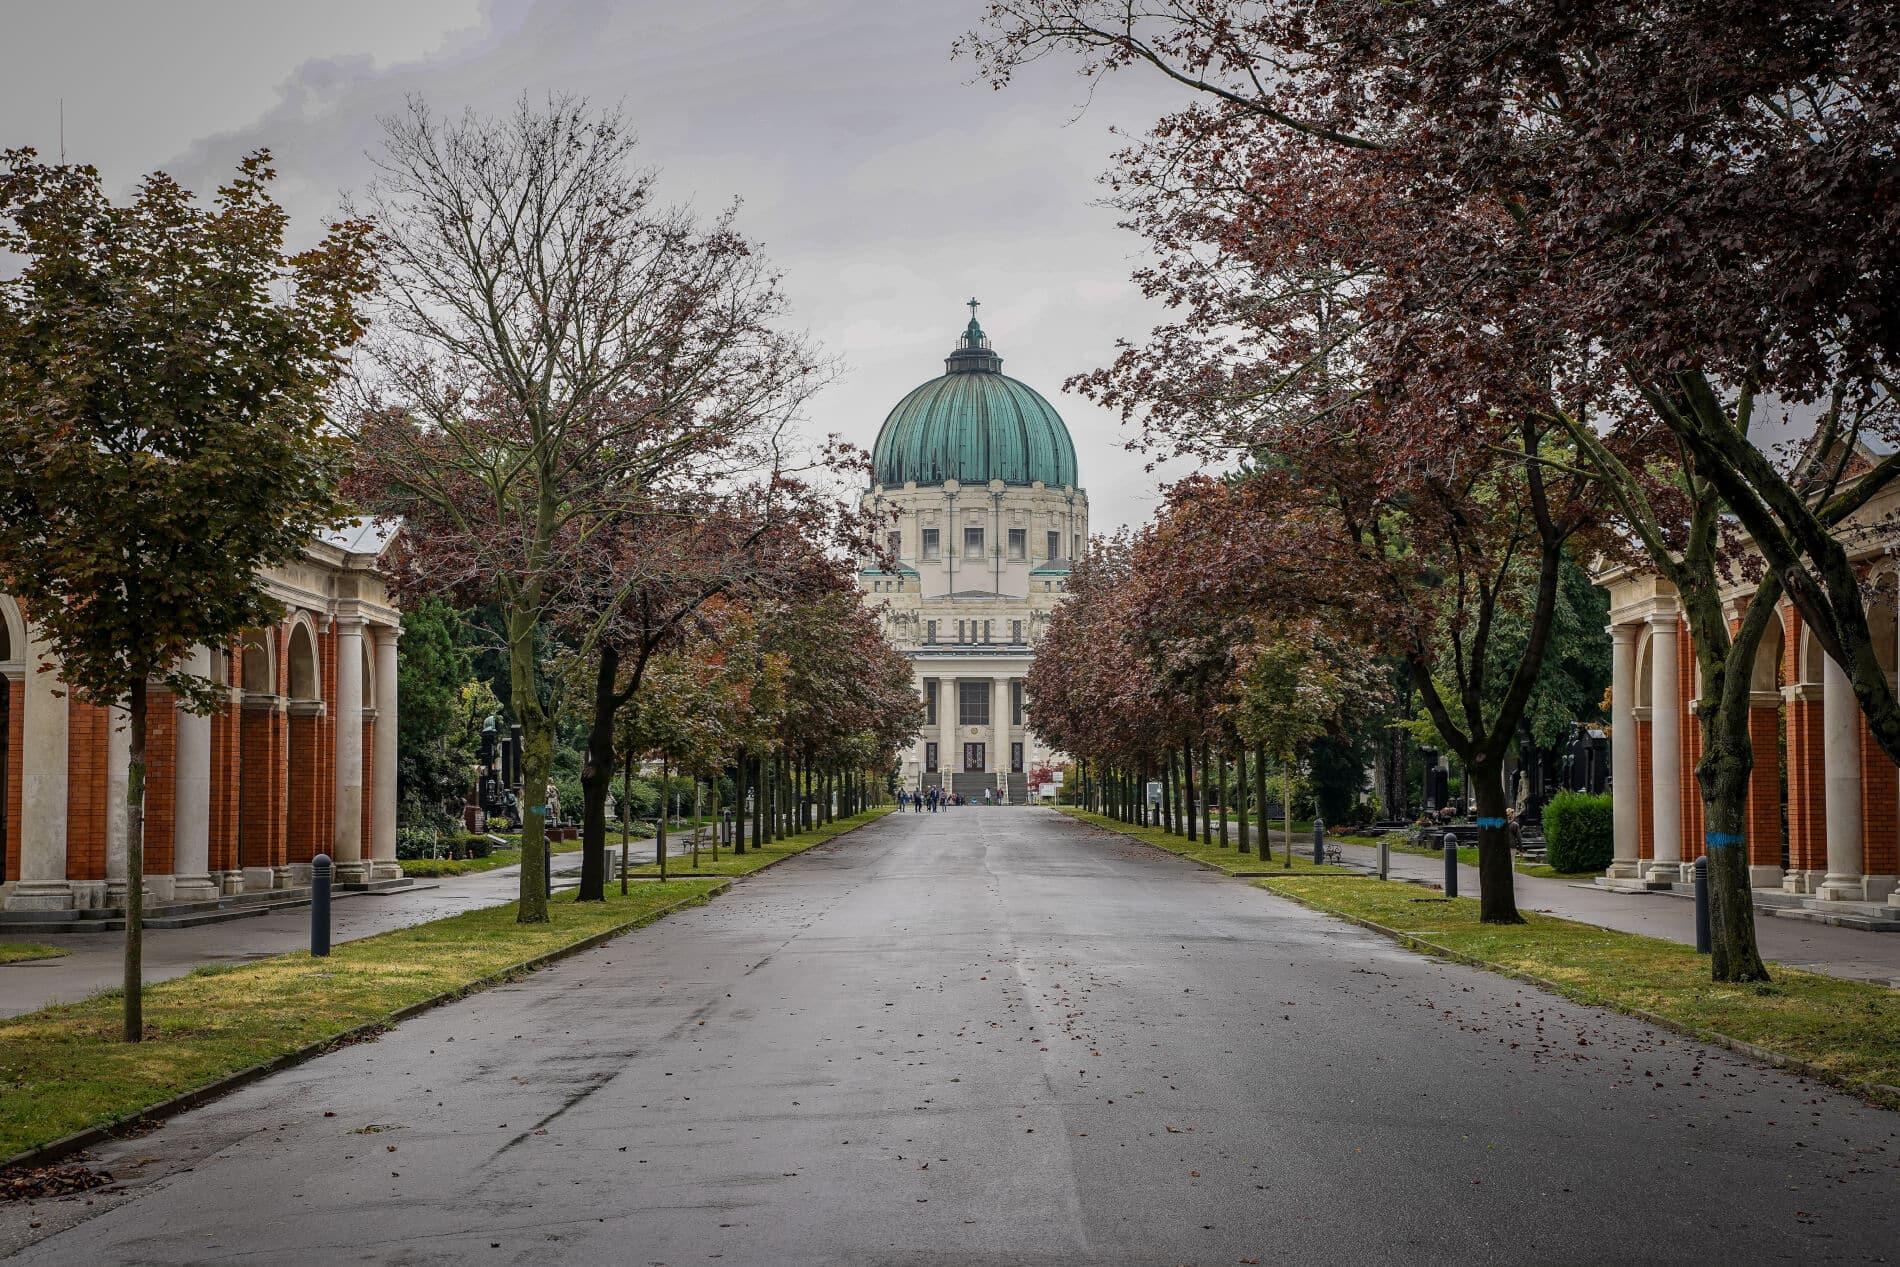 Zentralfriedhof Wien